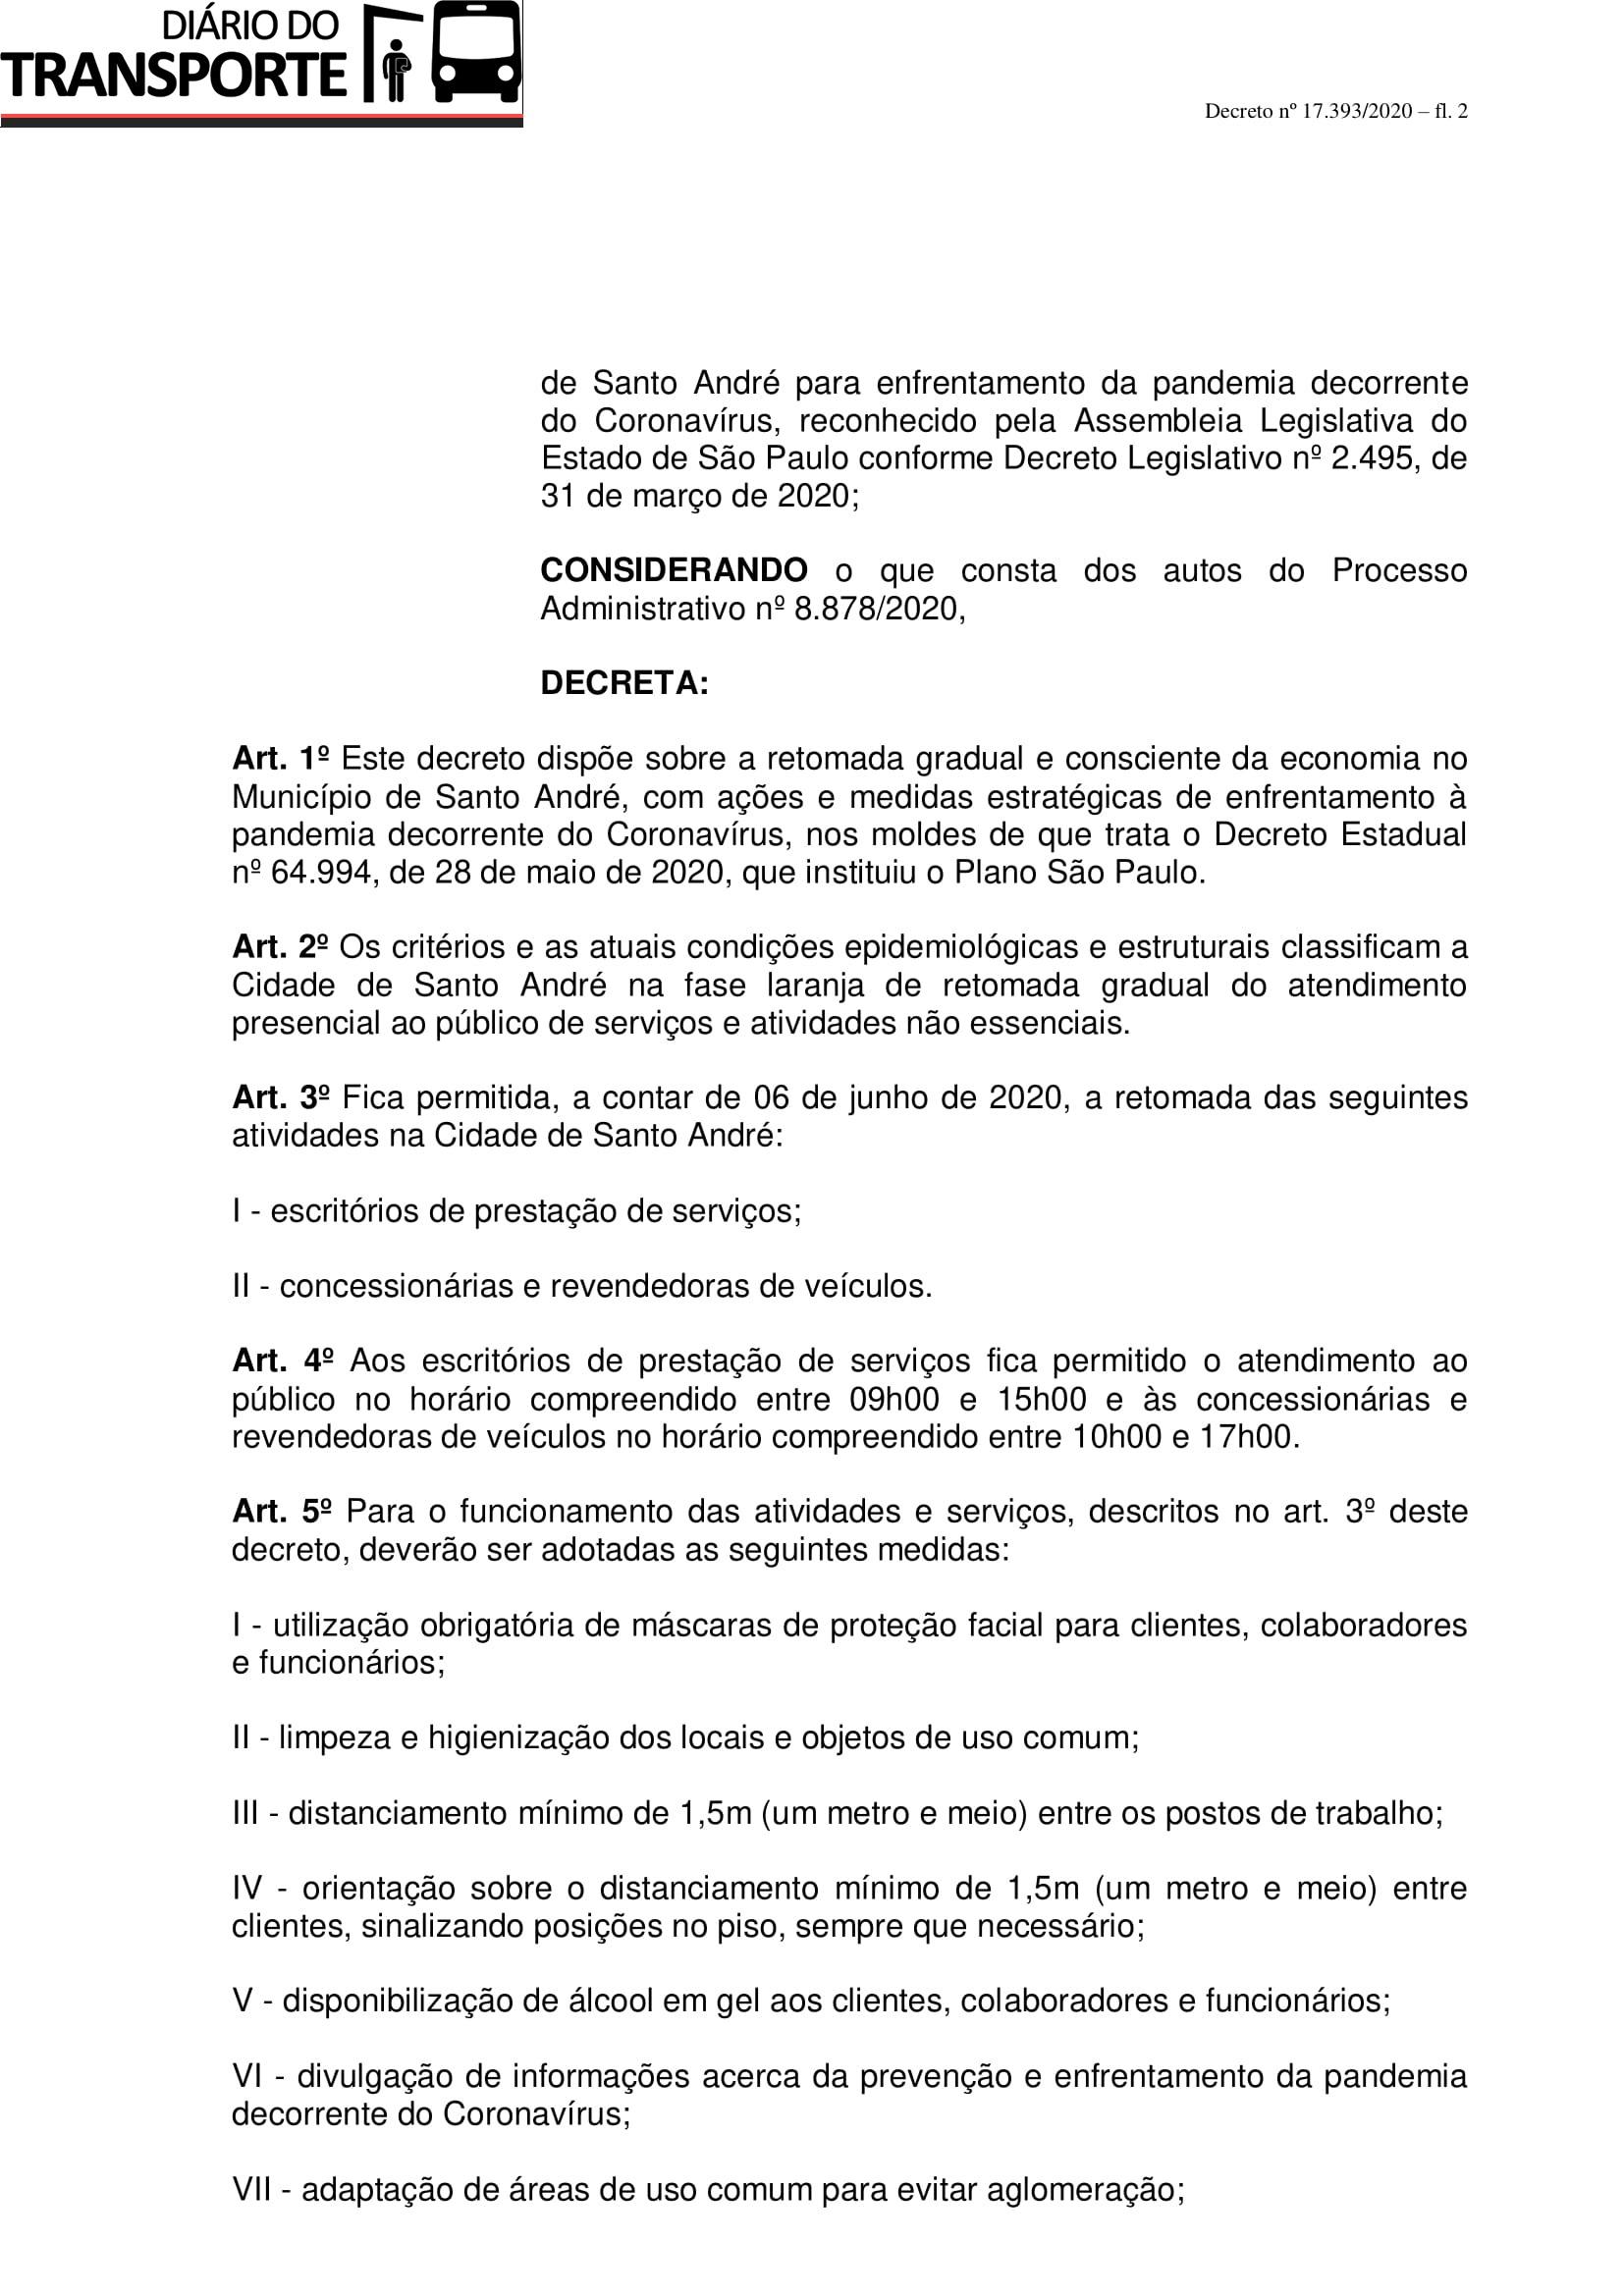 Decreto nº 17.393 (Retomada gradual e consciente da economia) (1)-2